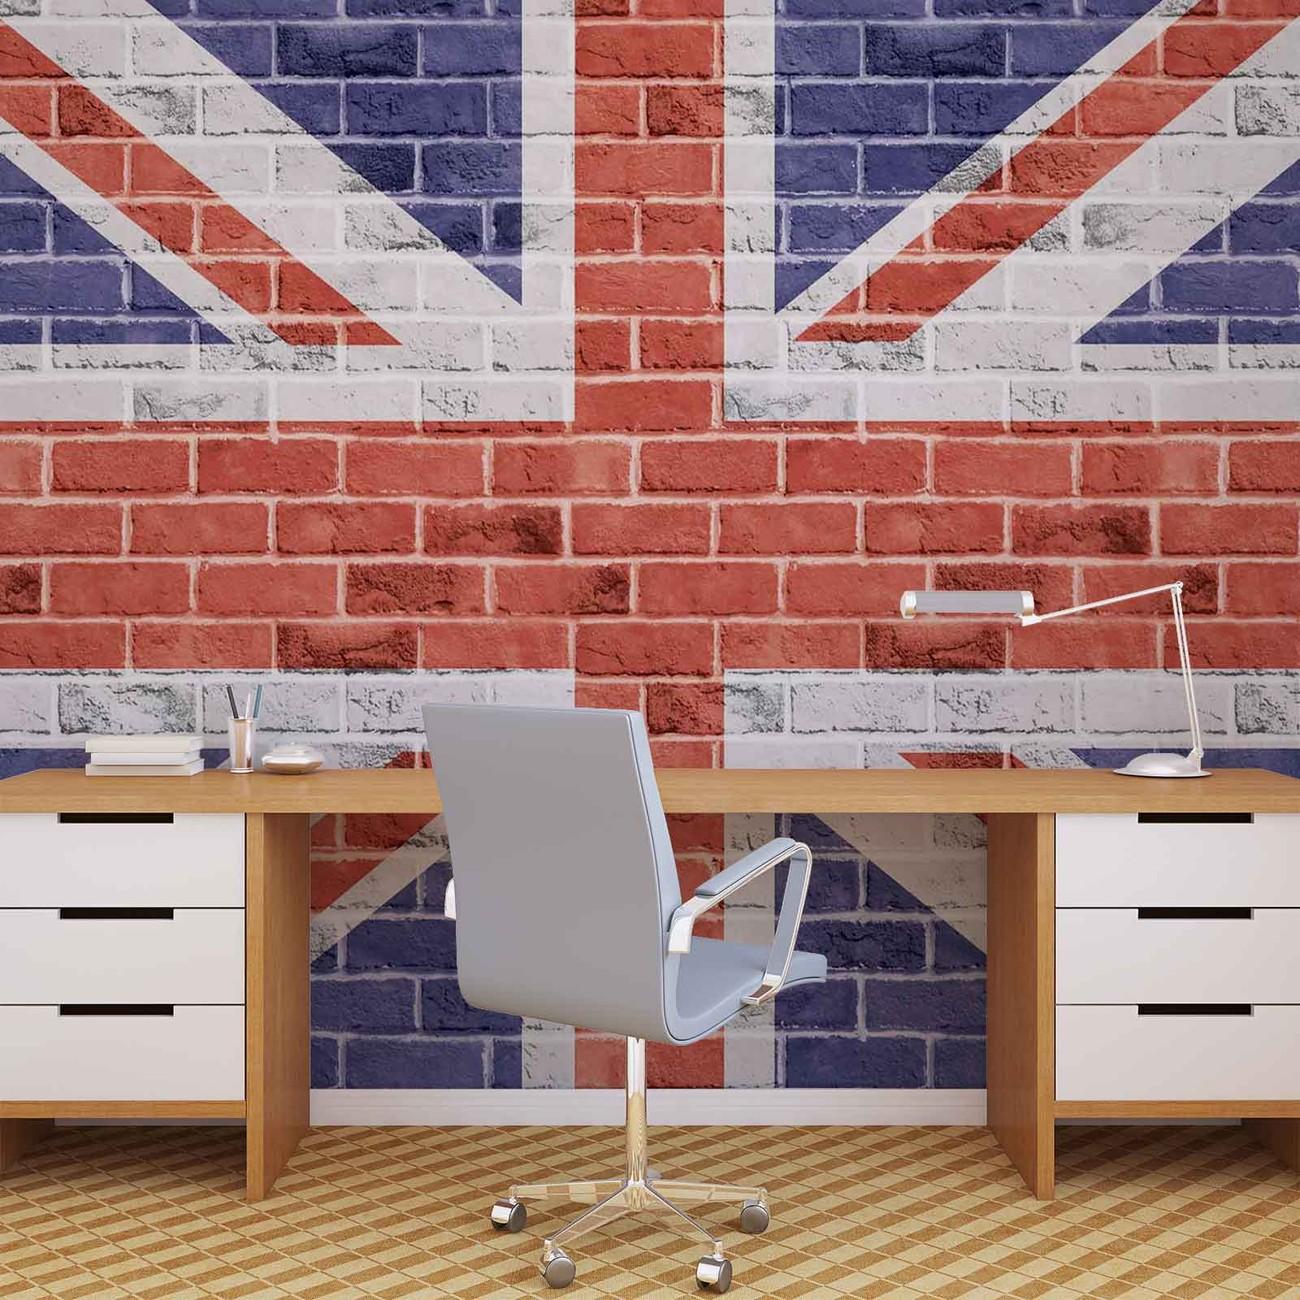 mur en briques drapeau anglais poster mural papier peint acheter le sur. Black Bedroom Furniture Sets. Home Design Ideas